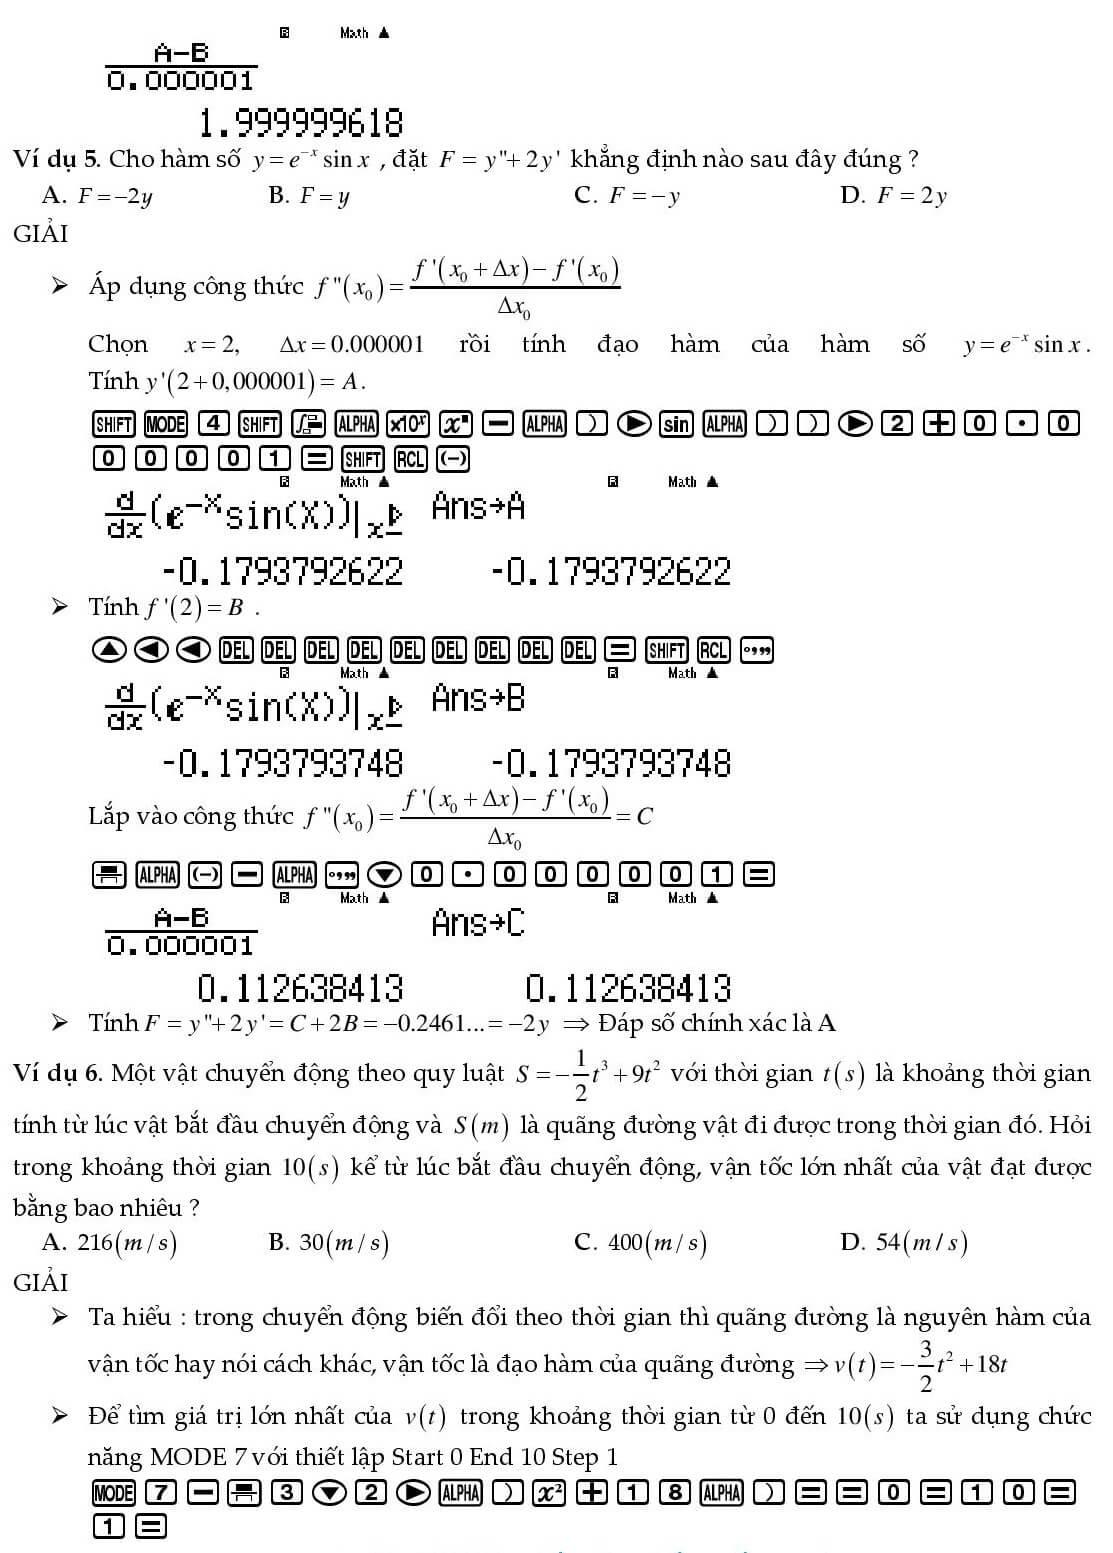 Cách bấm máy tính đạo hàm - Ảnh 4